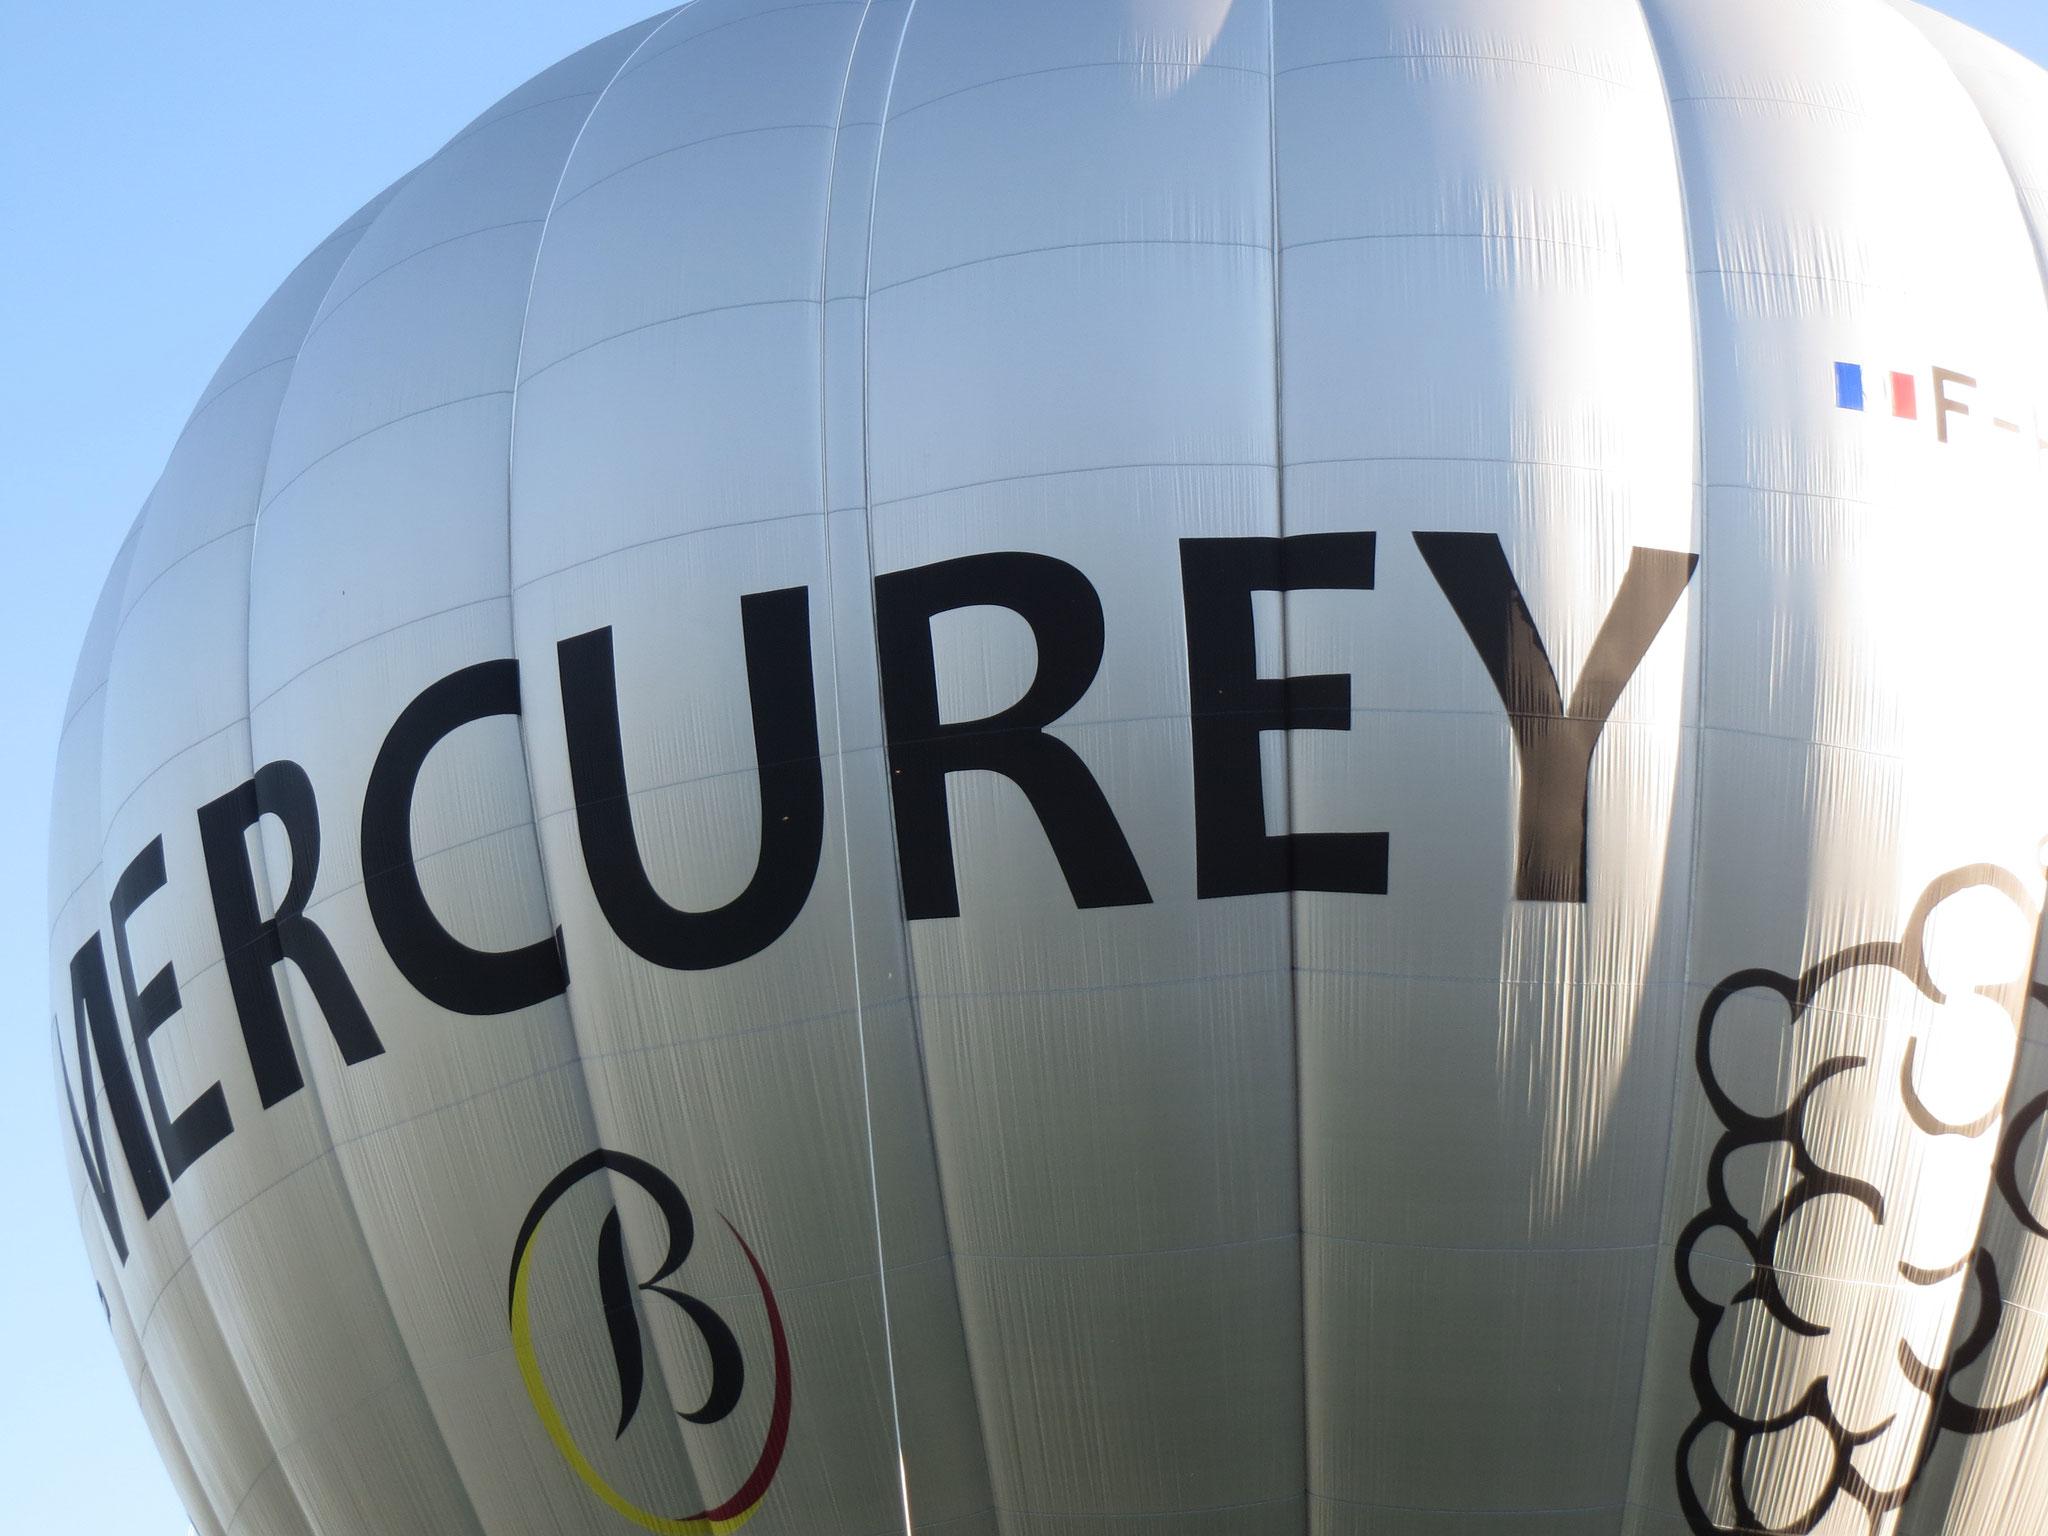 La montgolfière de Mercurey pour une promenade dans les airs